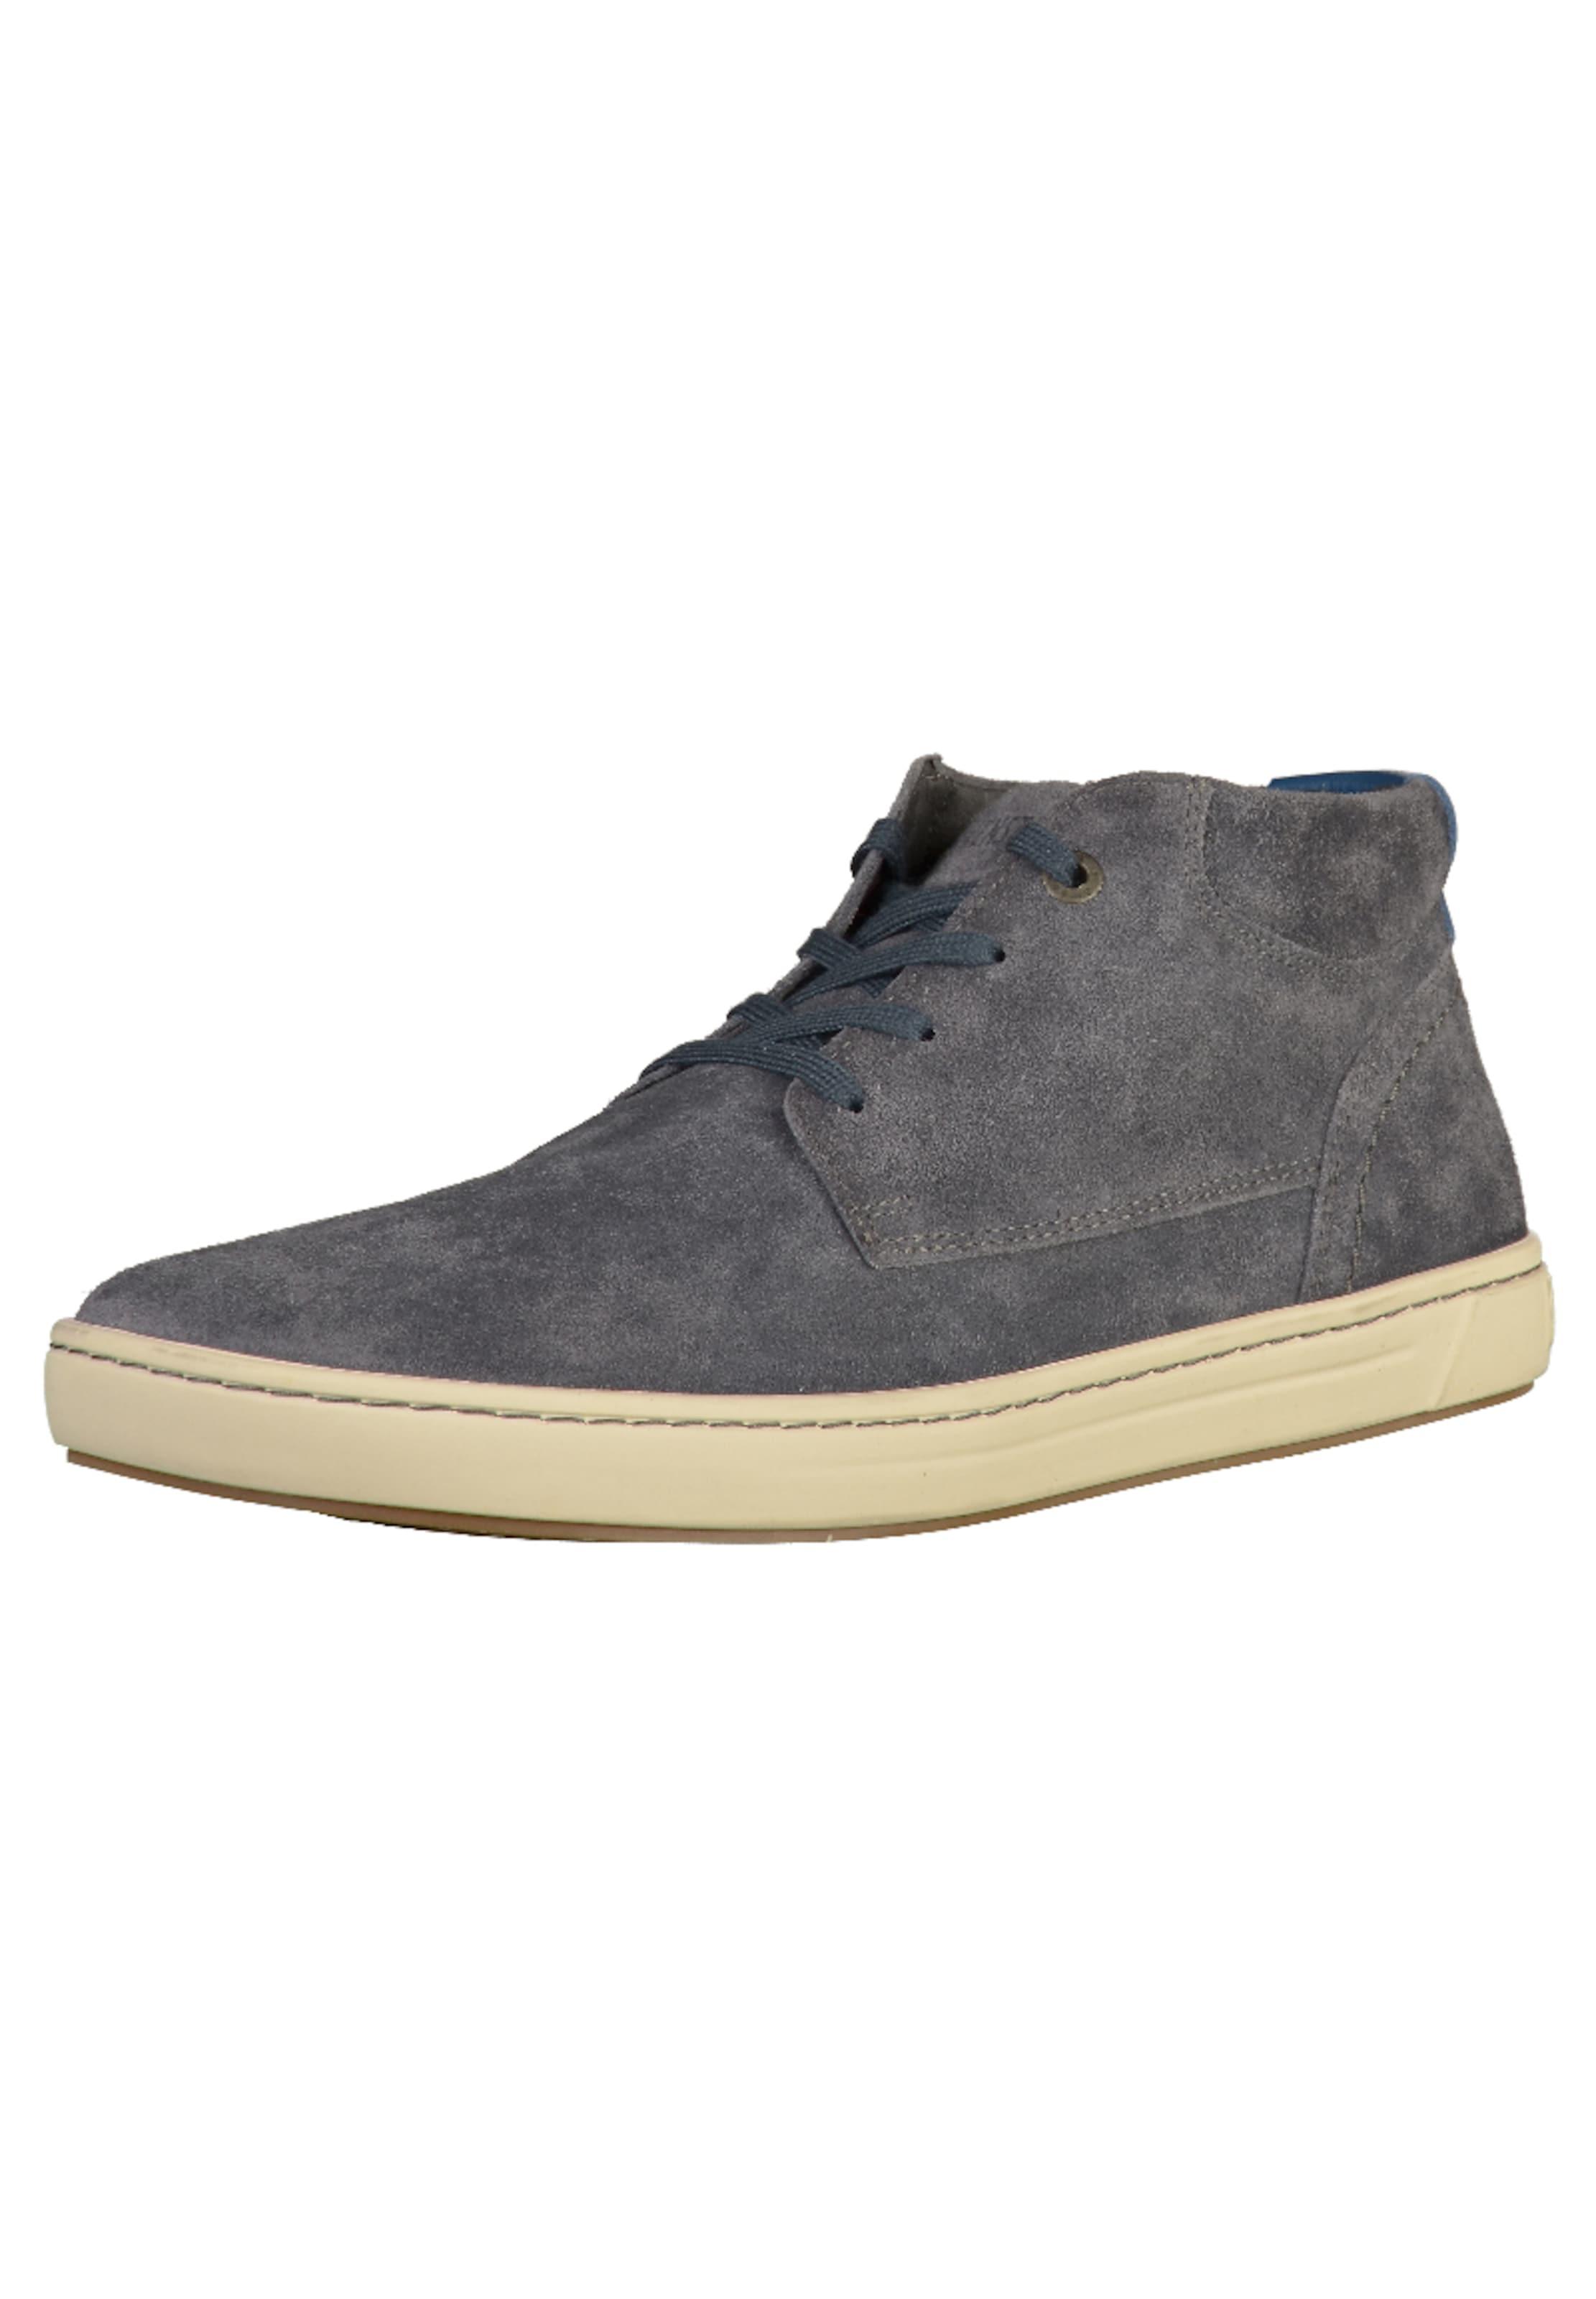 BIRKENSTOCK Sneaker Bandon Verschleißfeste billige Schuhe